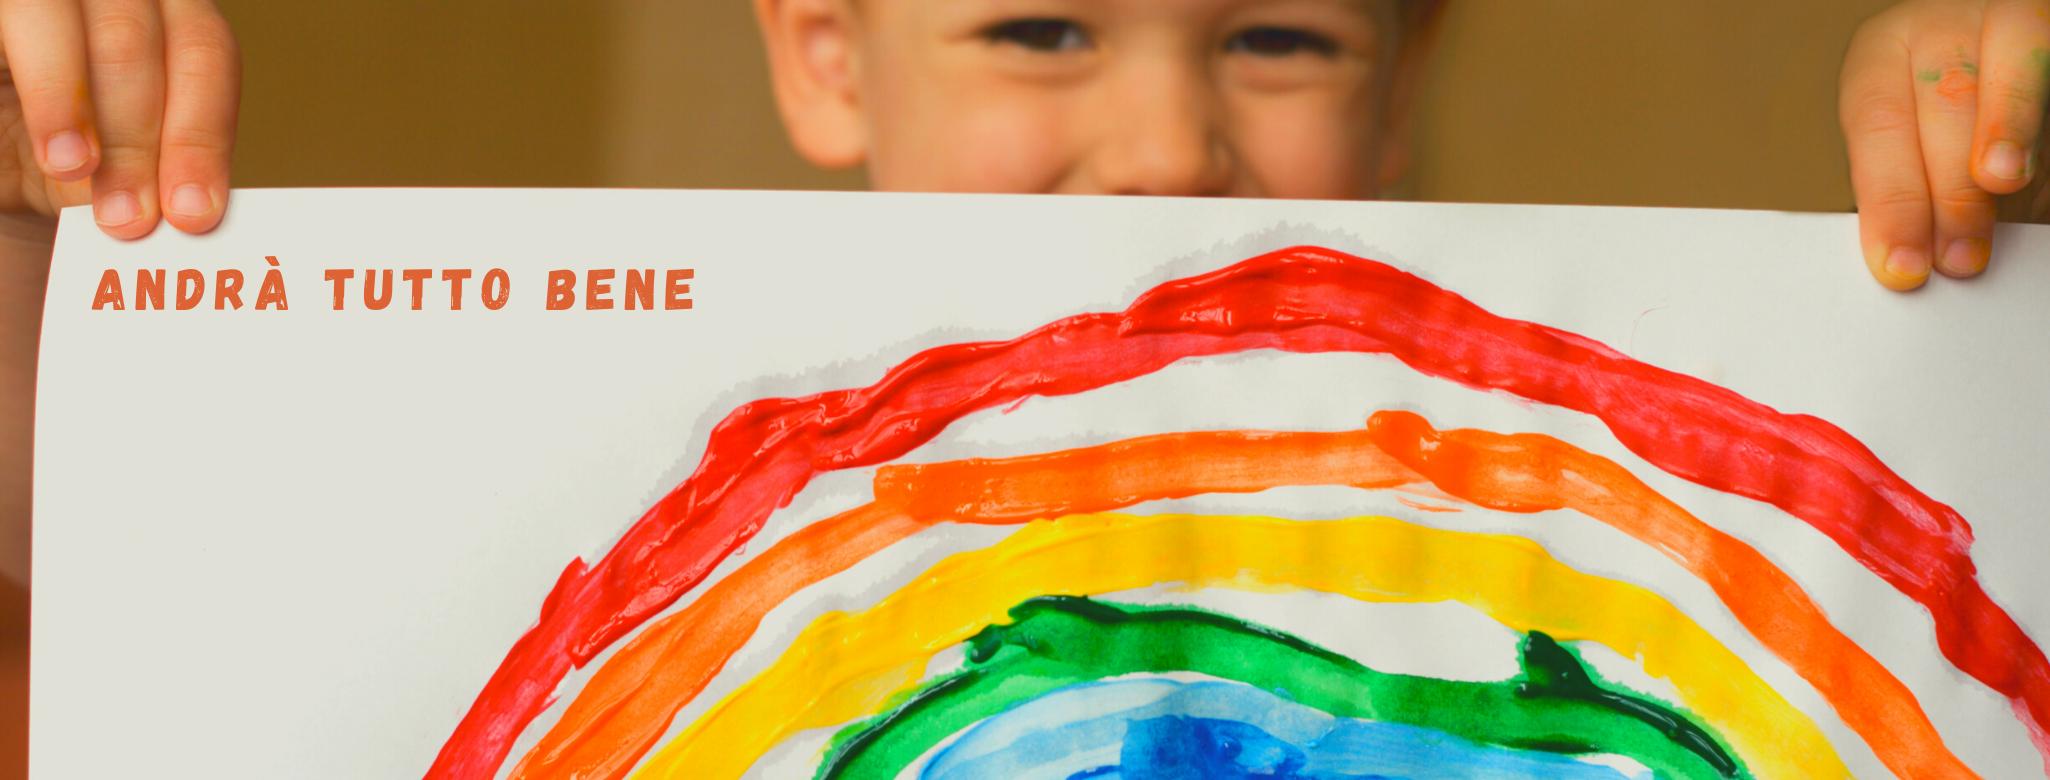 """Imamgine di un bambino che tiene nelle mani un disegno di un arcobaleno """"Andrà tutto bene"""""""